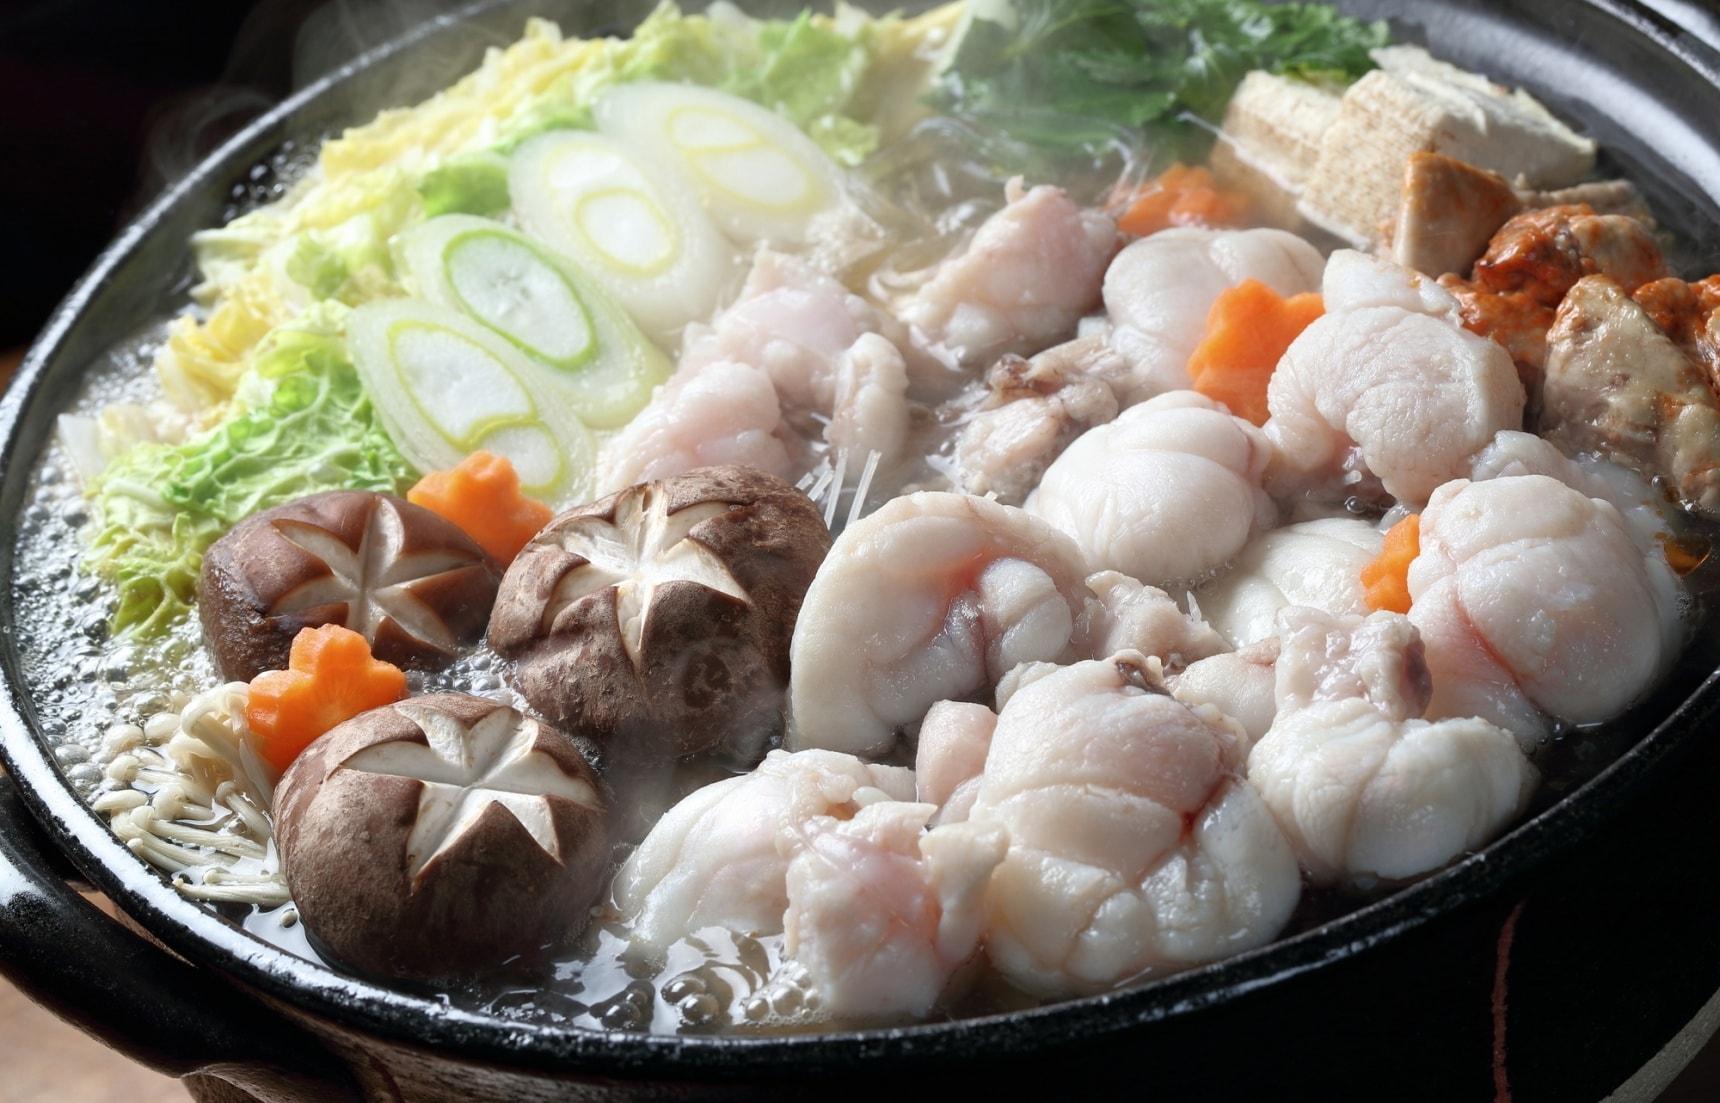 กินอาหารญี่ปุ่นตามฤดูกาล ภาคฤดูหนาว